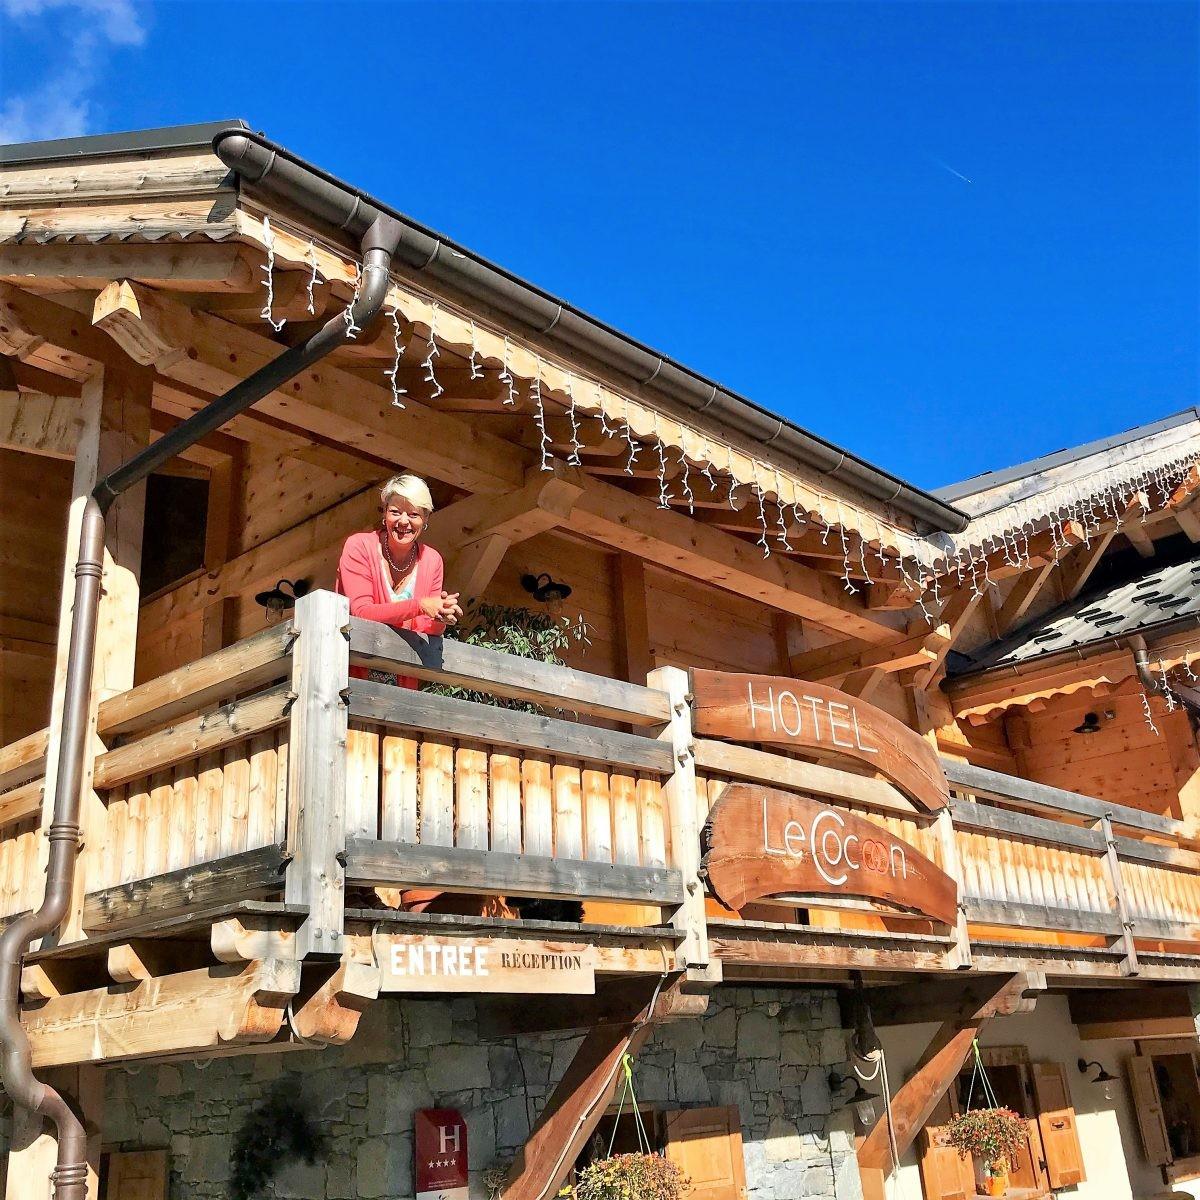 De eigenaresse van hotel Le Cocoon zwaait ons 's ochtends uit als we gaan mountainbiken